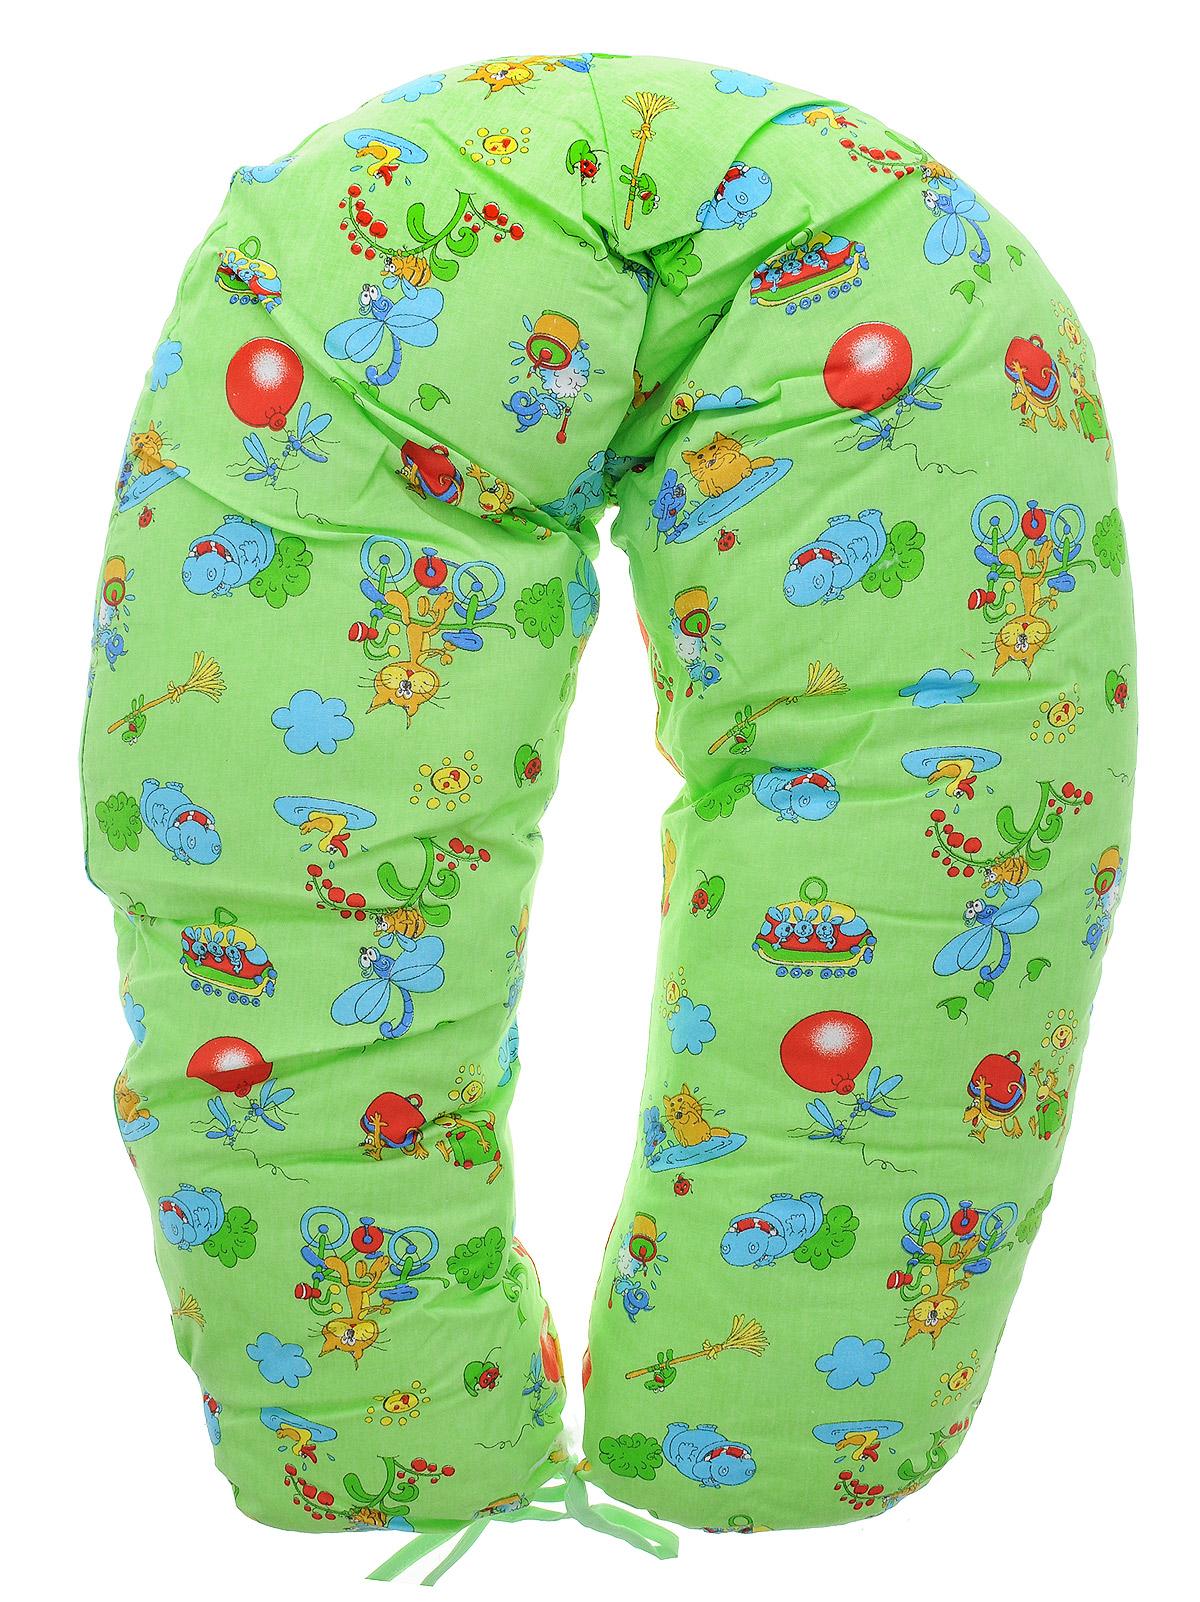 Подушка Фэст для беременных и кормящих женщин, цвет: зеленыйт0008105Подушка для беременных и кормящих мам Фэст - это удобная и практичная вещь, которая прослужит вам долгое время. Подушка имеет форму подковы. Для обеспечения комфорта во время беременности, можно положить подушку под живот или под спину во время отдыха.